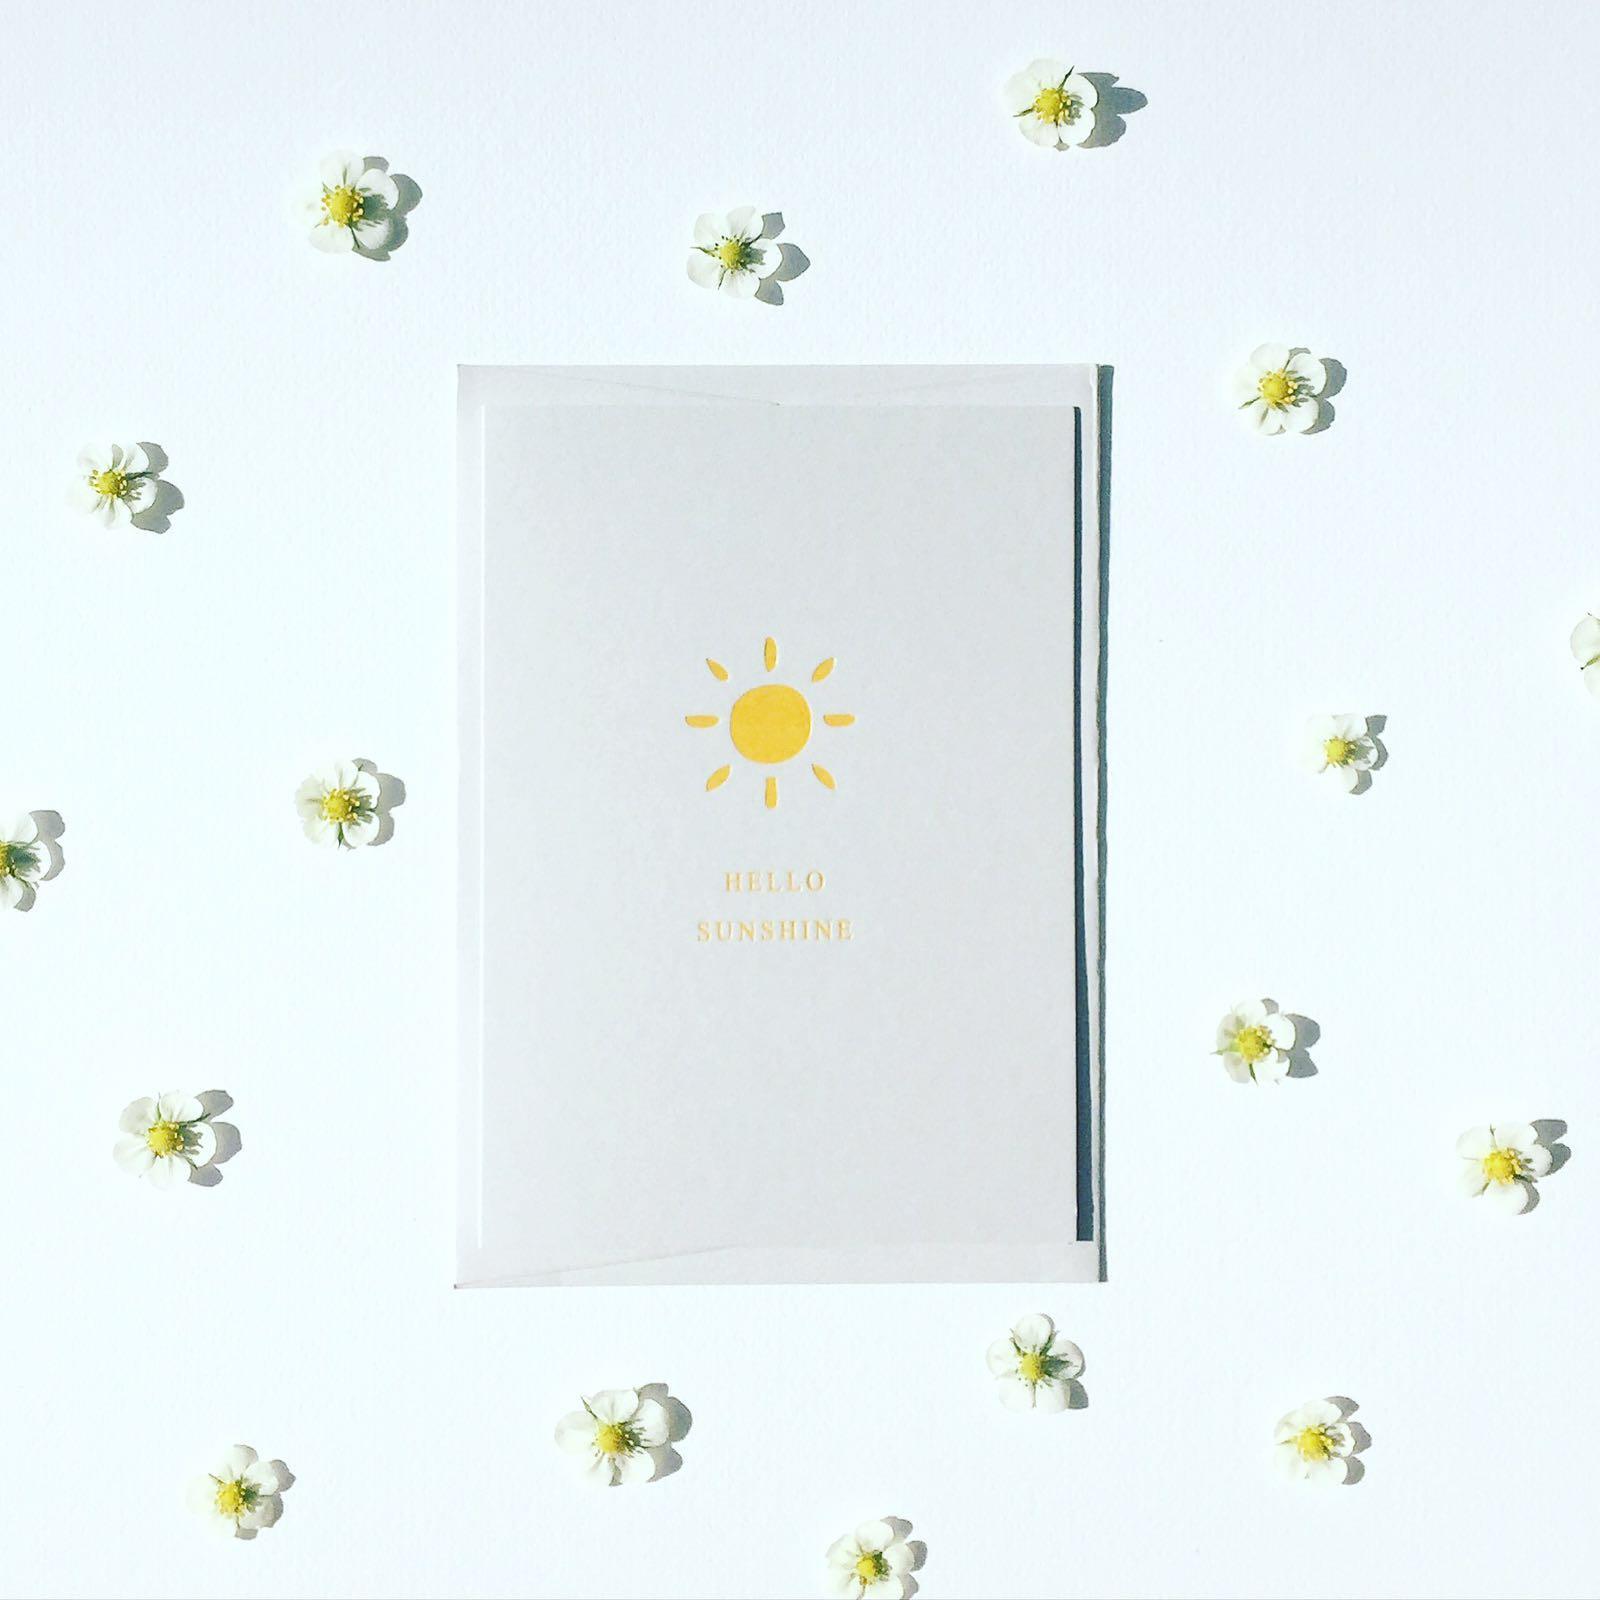 ELLY VVALLER_Greetings_Card_Hello_Sunshine